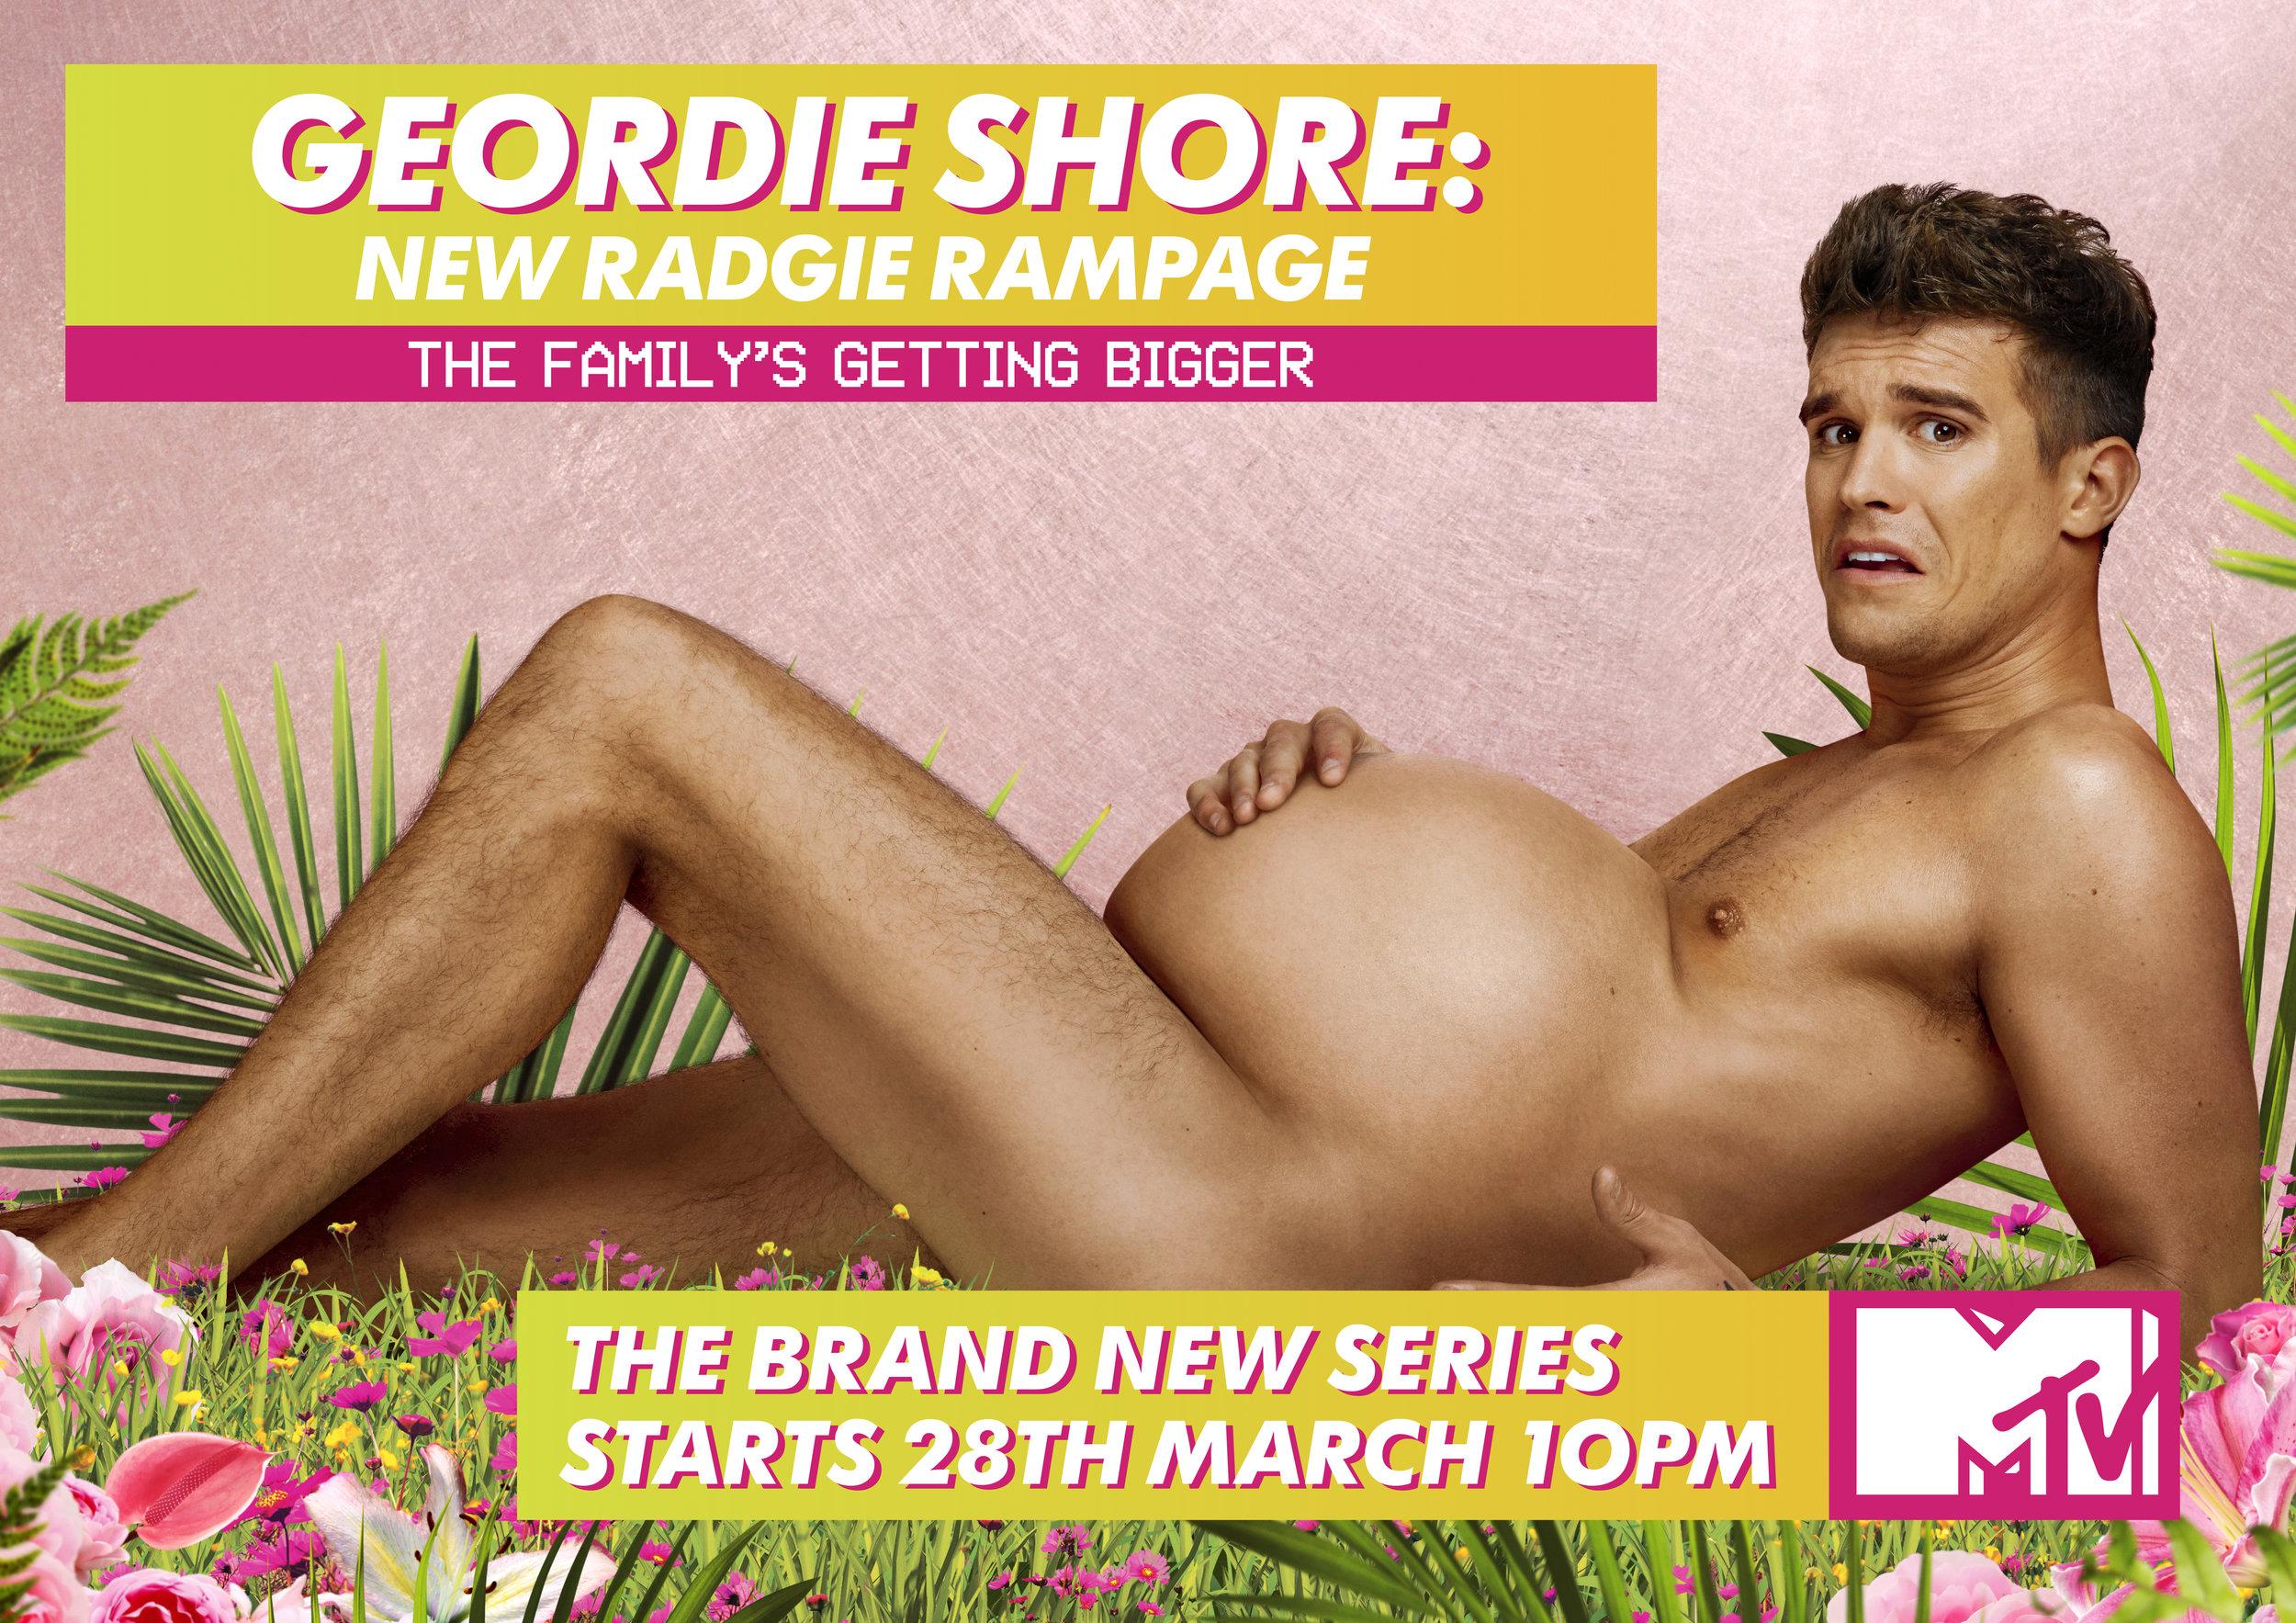 Geordie Shore Key Art Campaign - 'New Radgie Rampage'